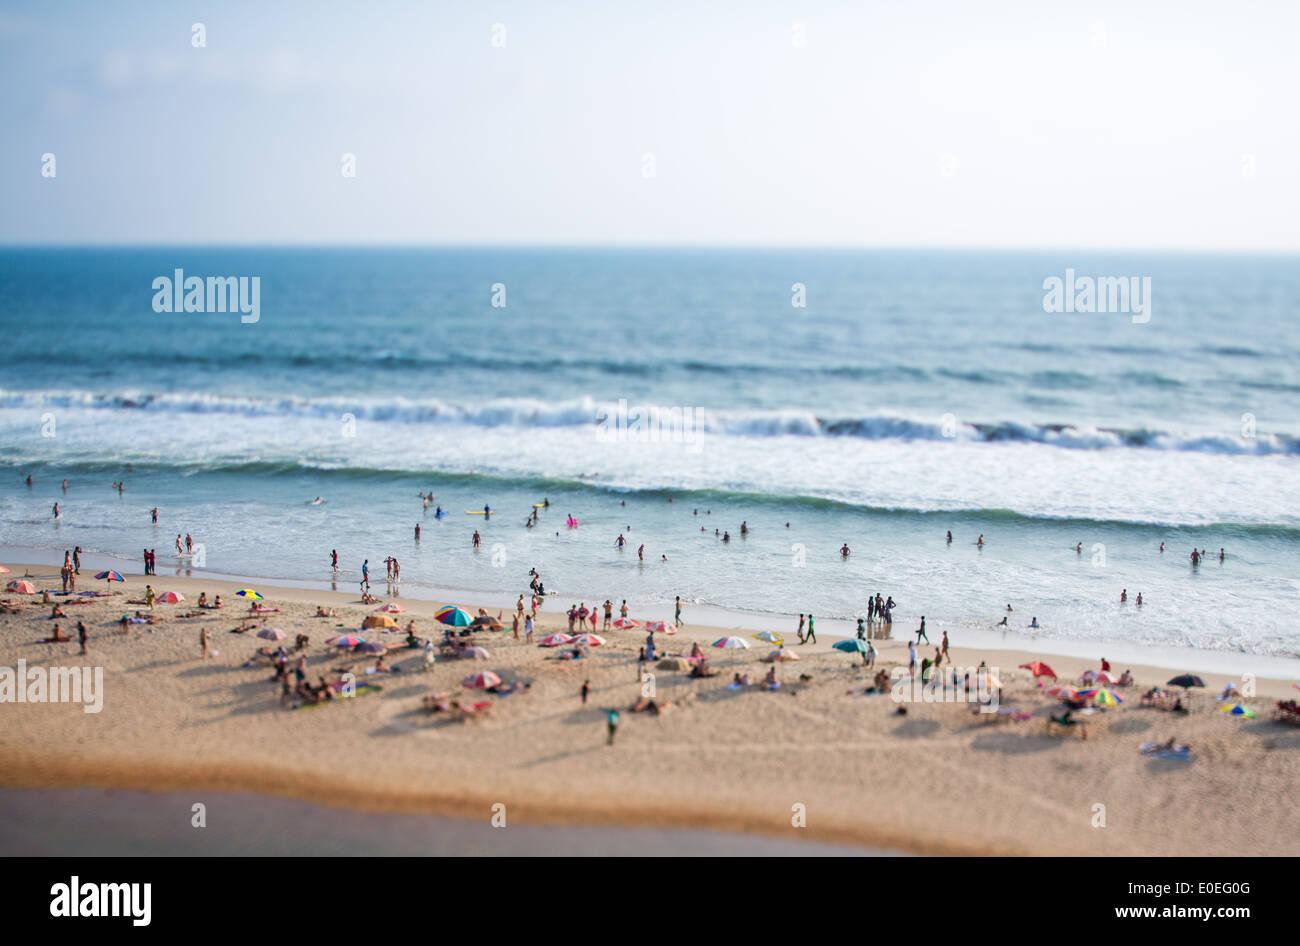 Timelapse Beach on the Indian Ocean. India (tilt shift lens). - Stock Image